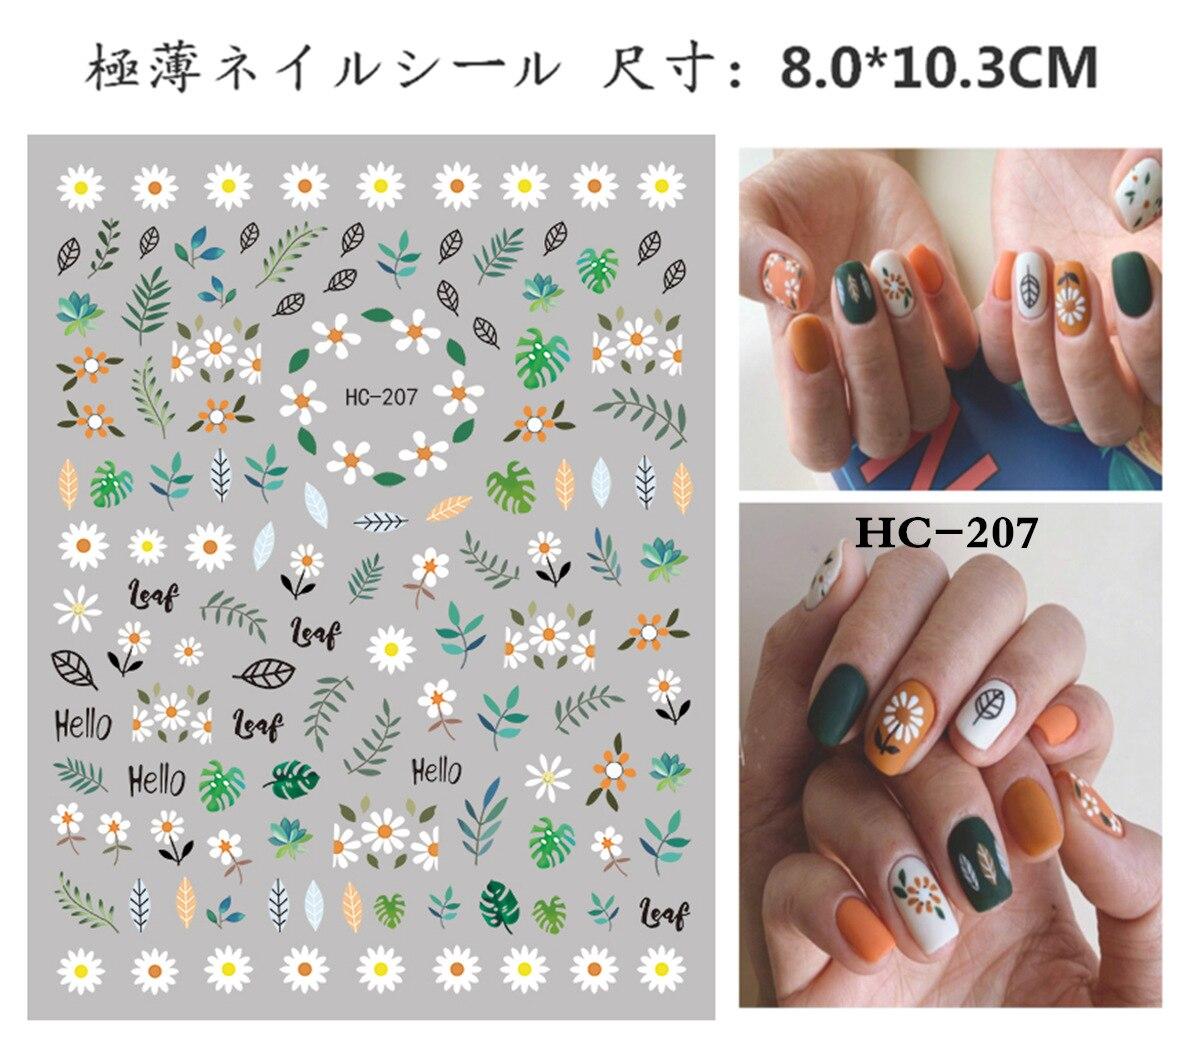 HC207-217 наклейки для ногтей авокадо Инс милые кокосовые наклейки для ногтей маленькие свежие радужные цветы, 2019